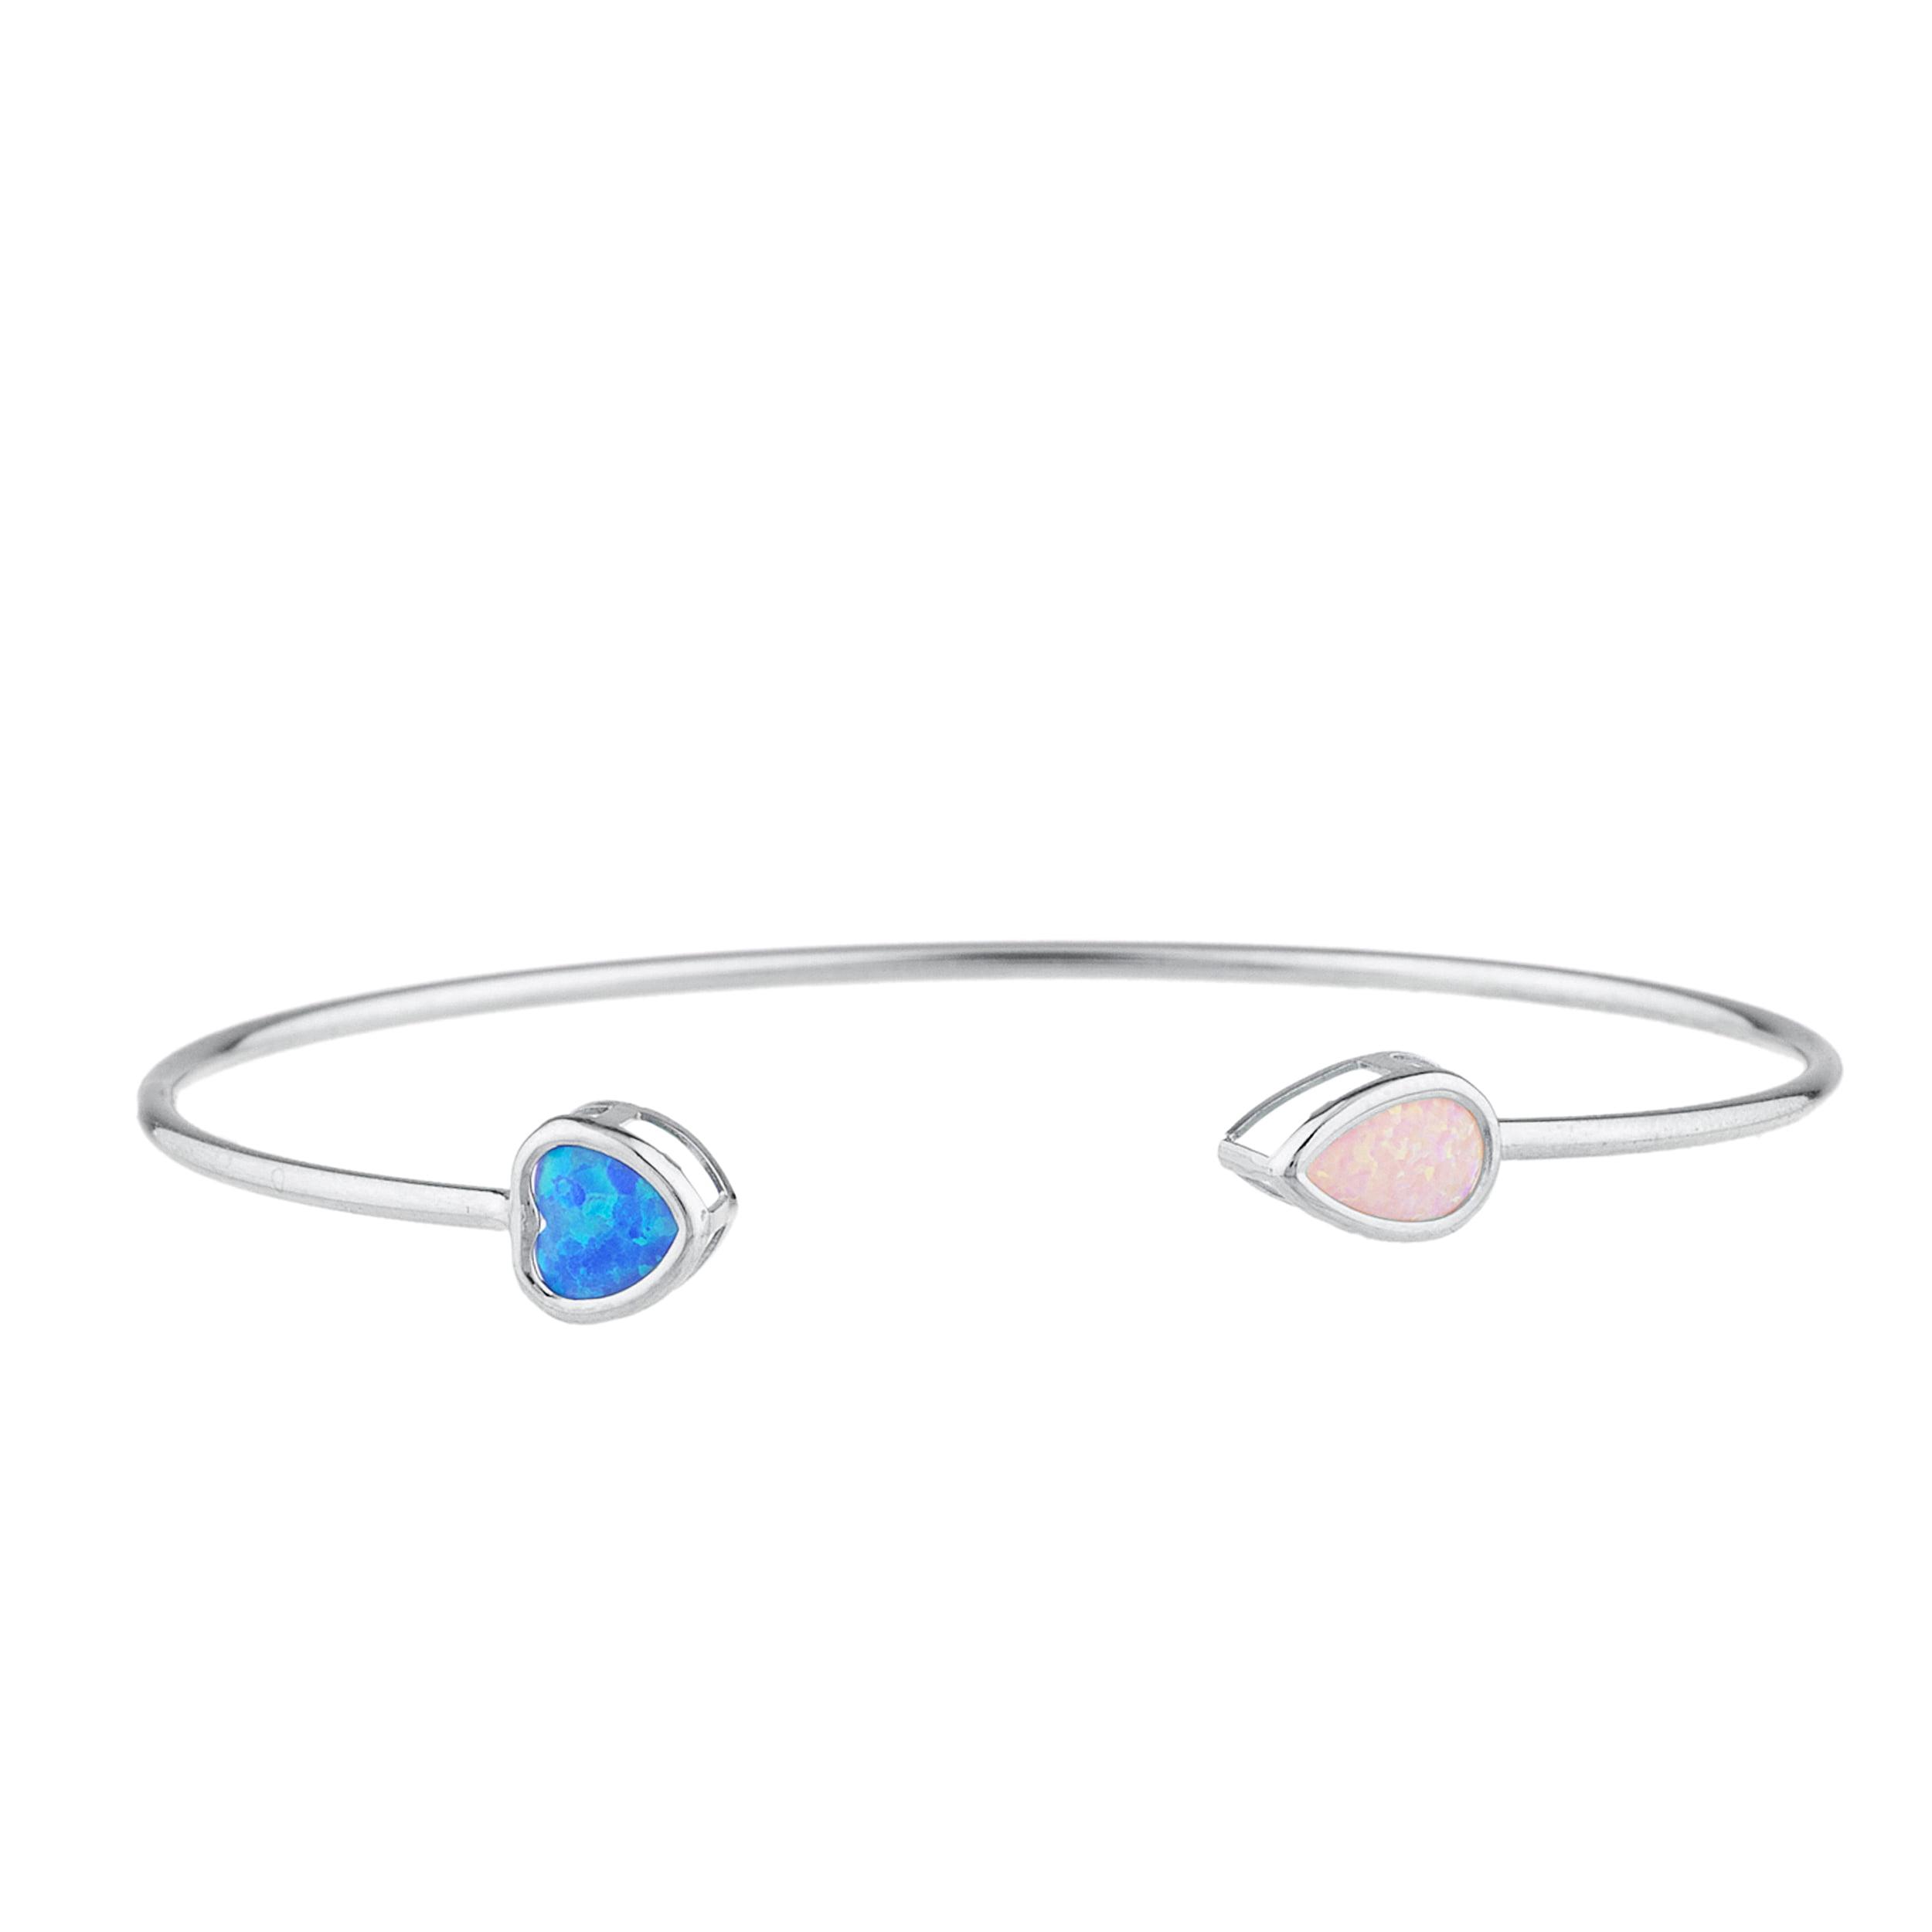 Blue Opal Heart & Pink Opal Pear Bezel Bangle Bracelet .925 Sterling Silver Rhodium Finish by Elizabeth Jewelry Inc